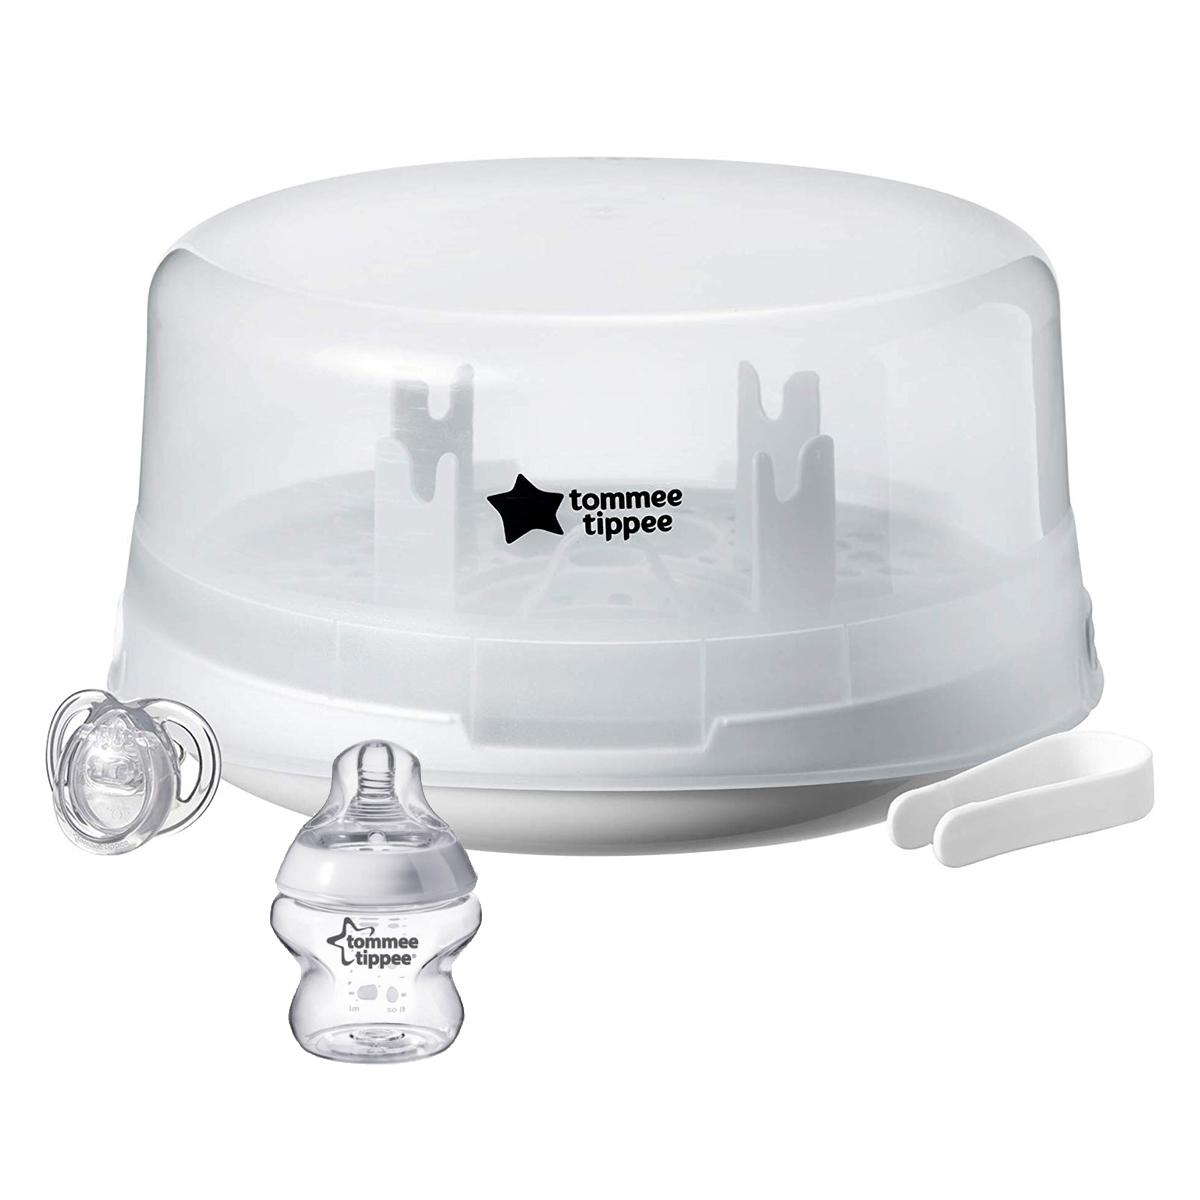 Stérilisateur Stérilisateur Micro-ondes Stérilisateur Micro-ondes